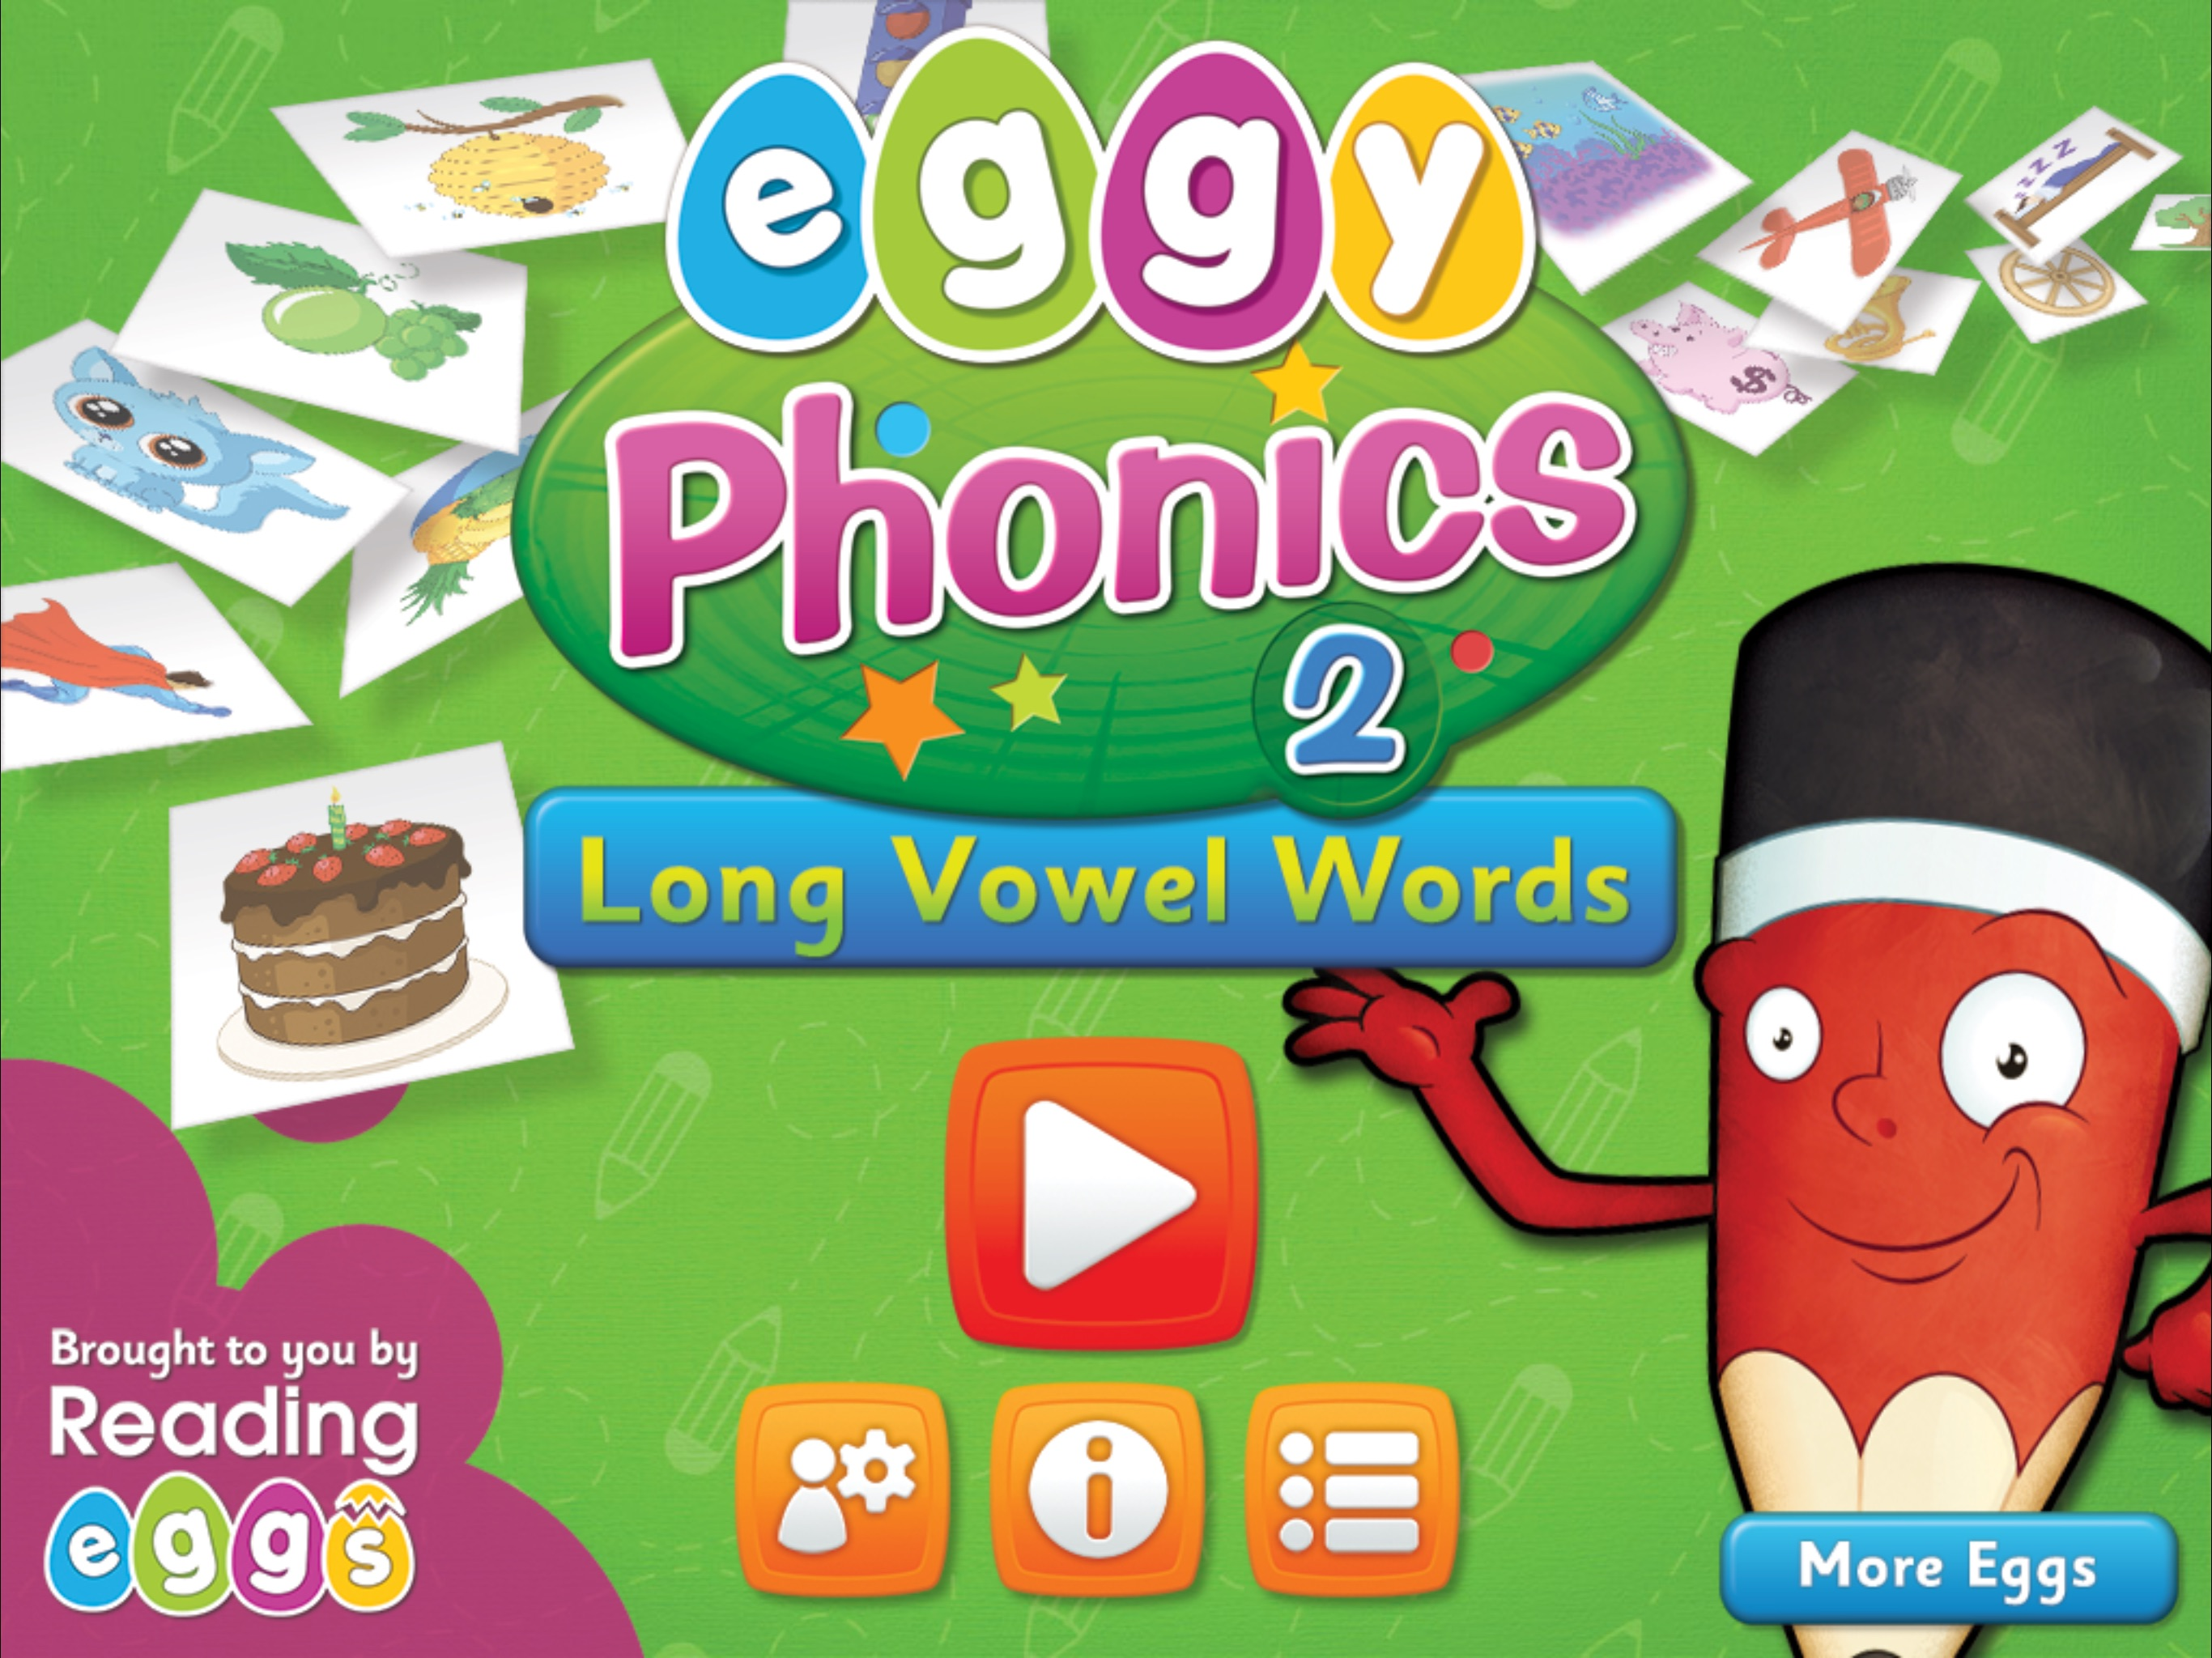 Eggy Phonics 2 Screenshot